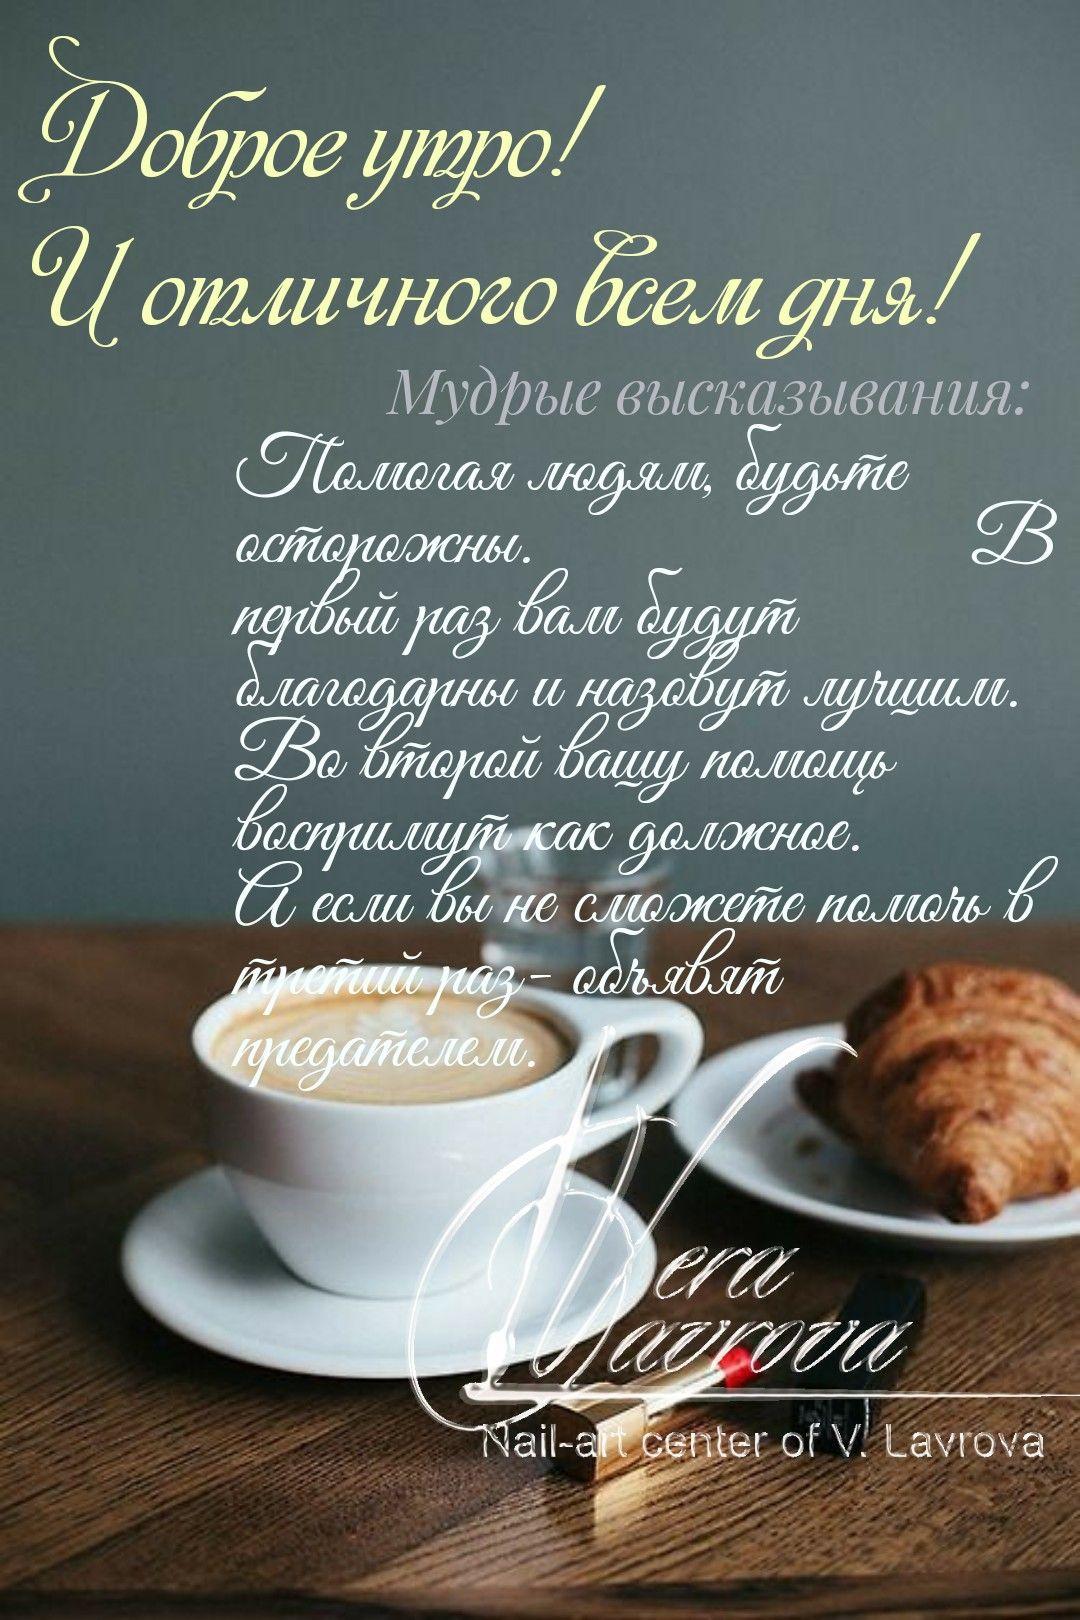 Dobroe Utro Ot Anastasiya Gorbachyova Citaty Utrennie Citaty